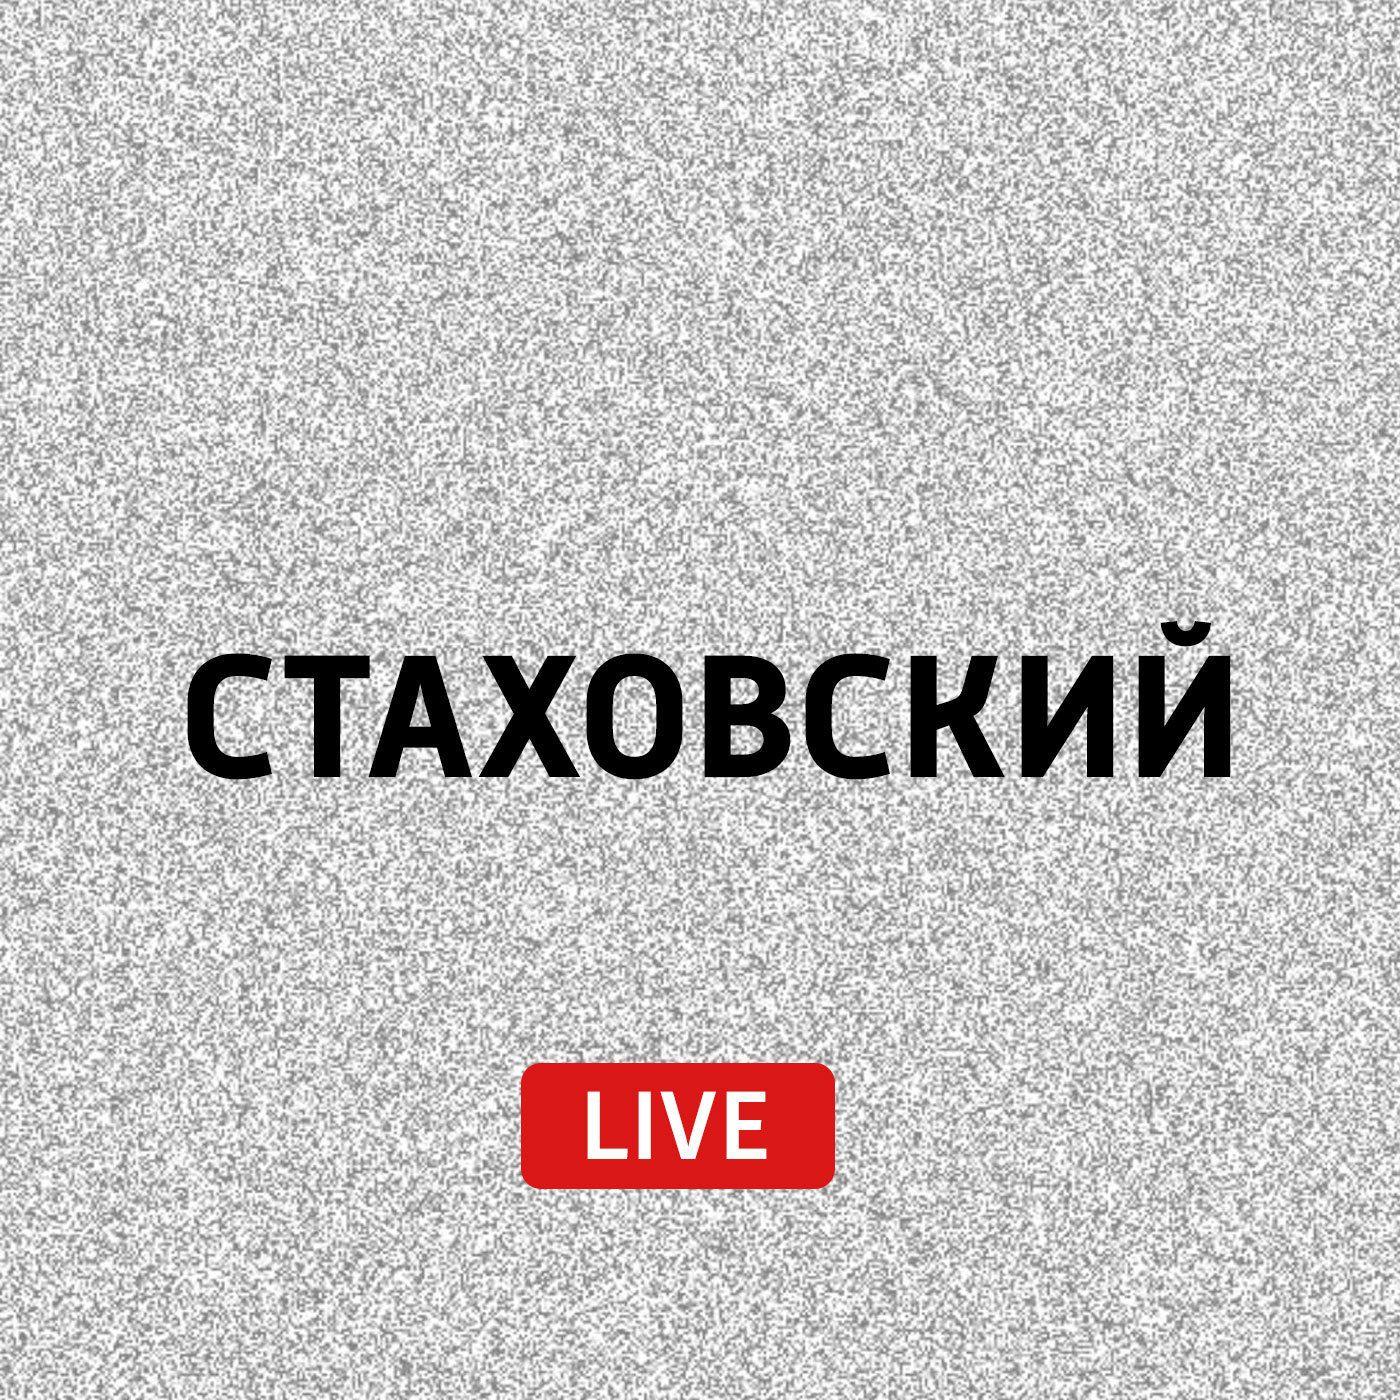 Евгений Стаховский Историческая среда евгений стаховский жить полной жизнью